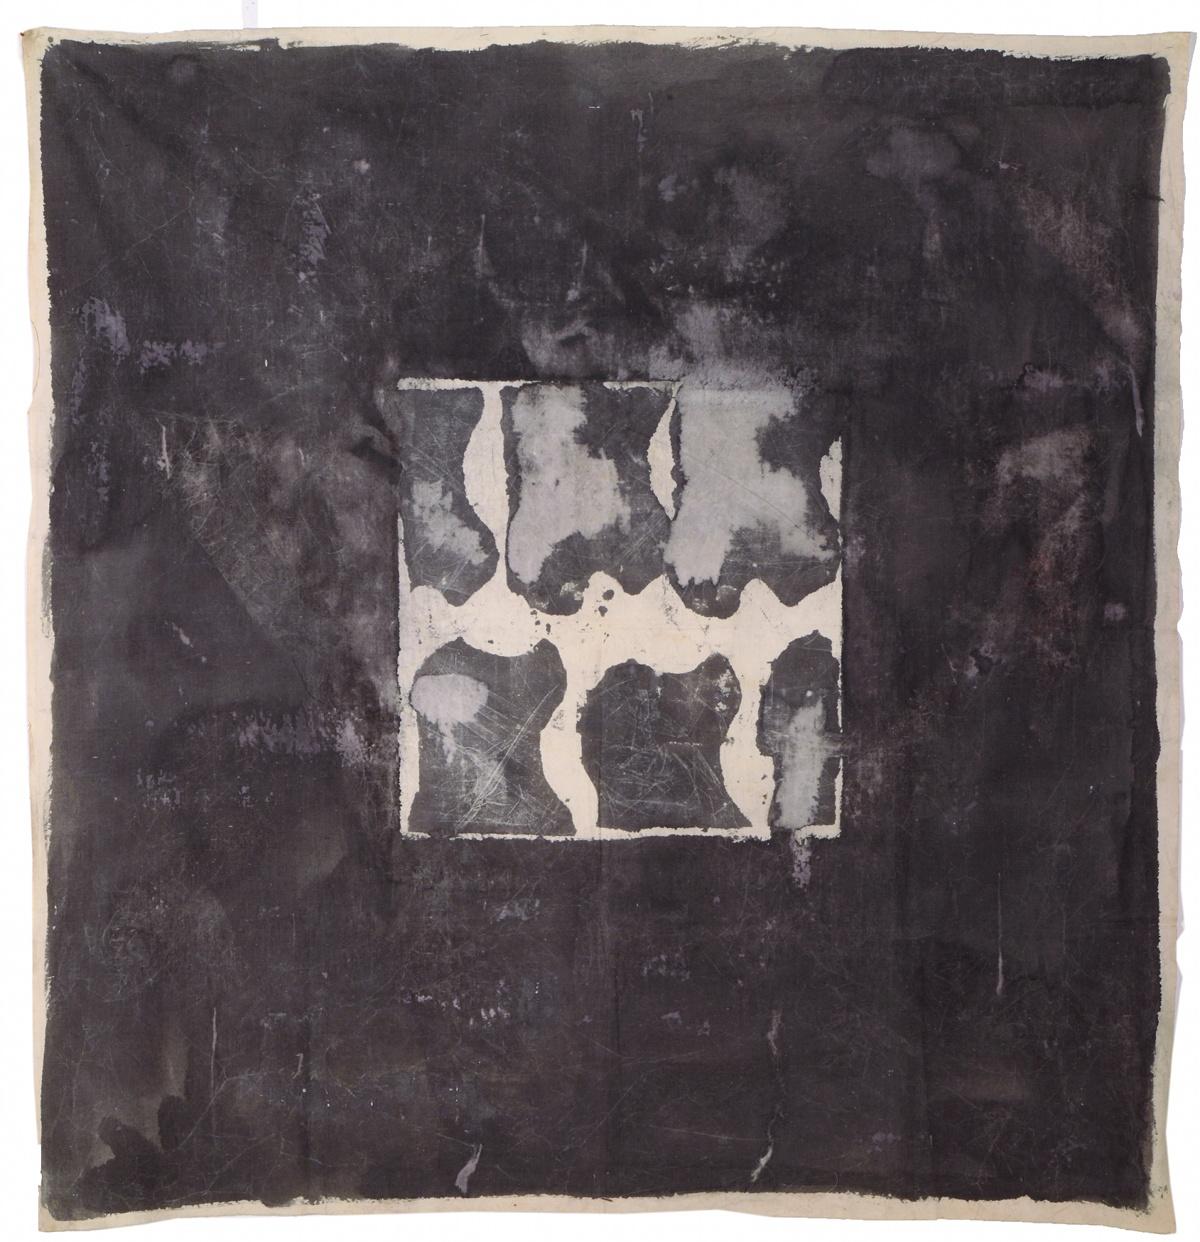 Sans titre (172 x 166 cm)